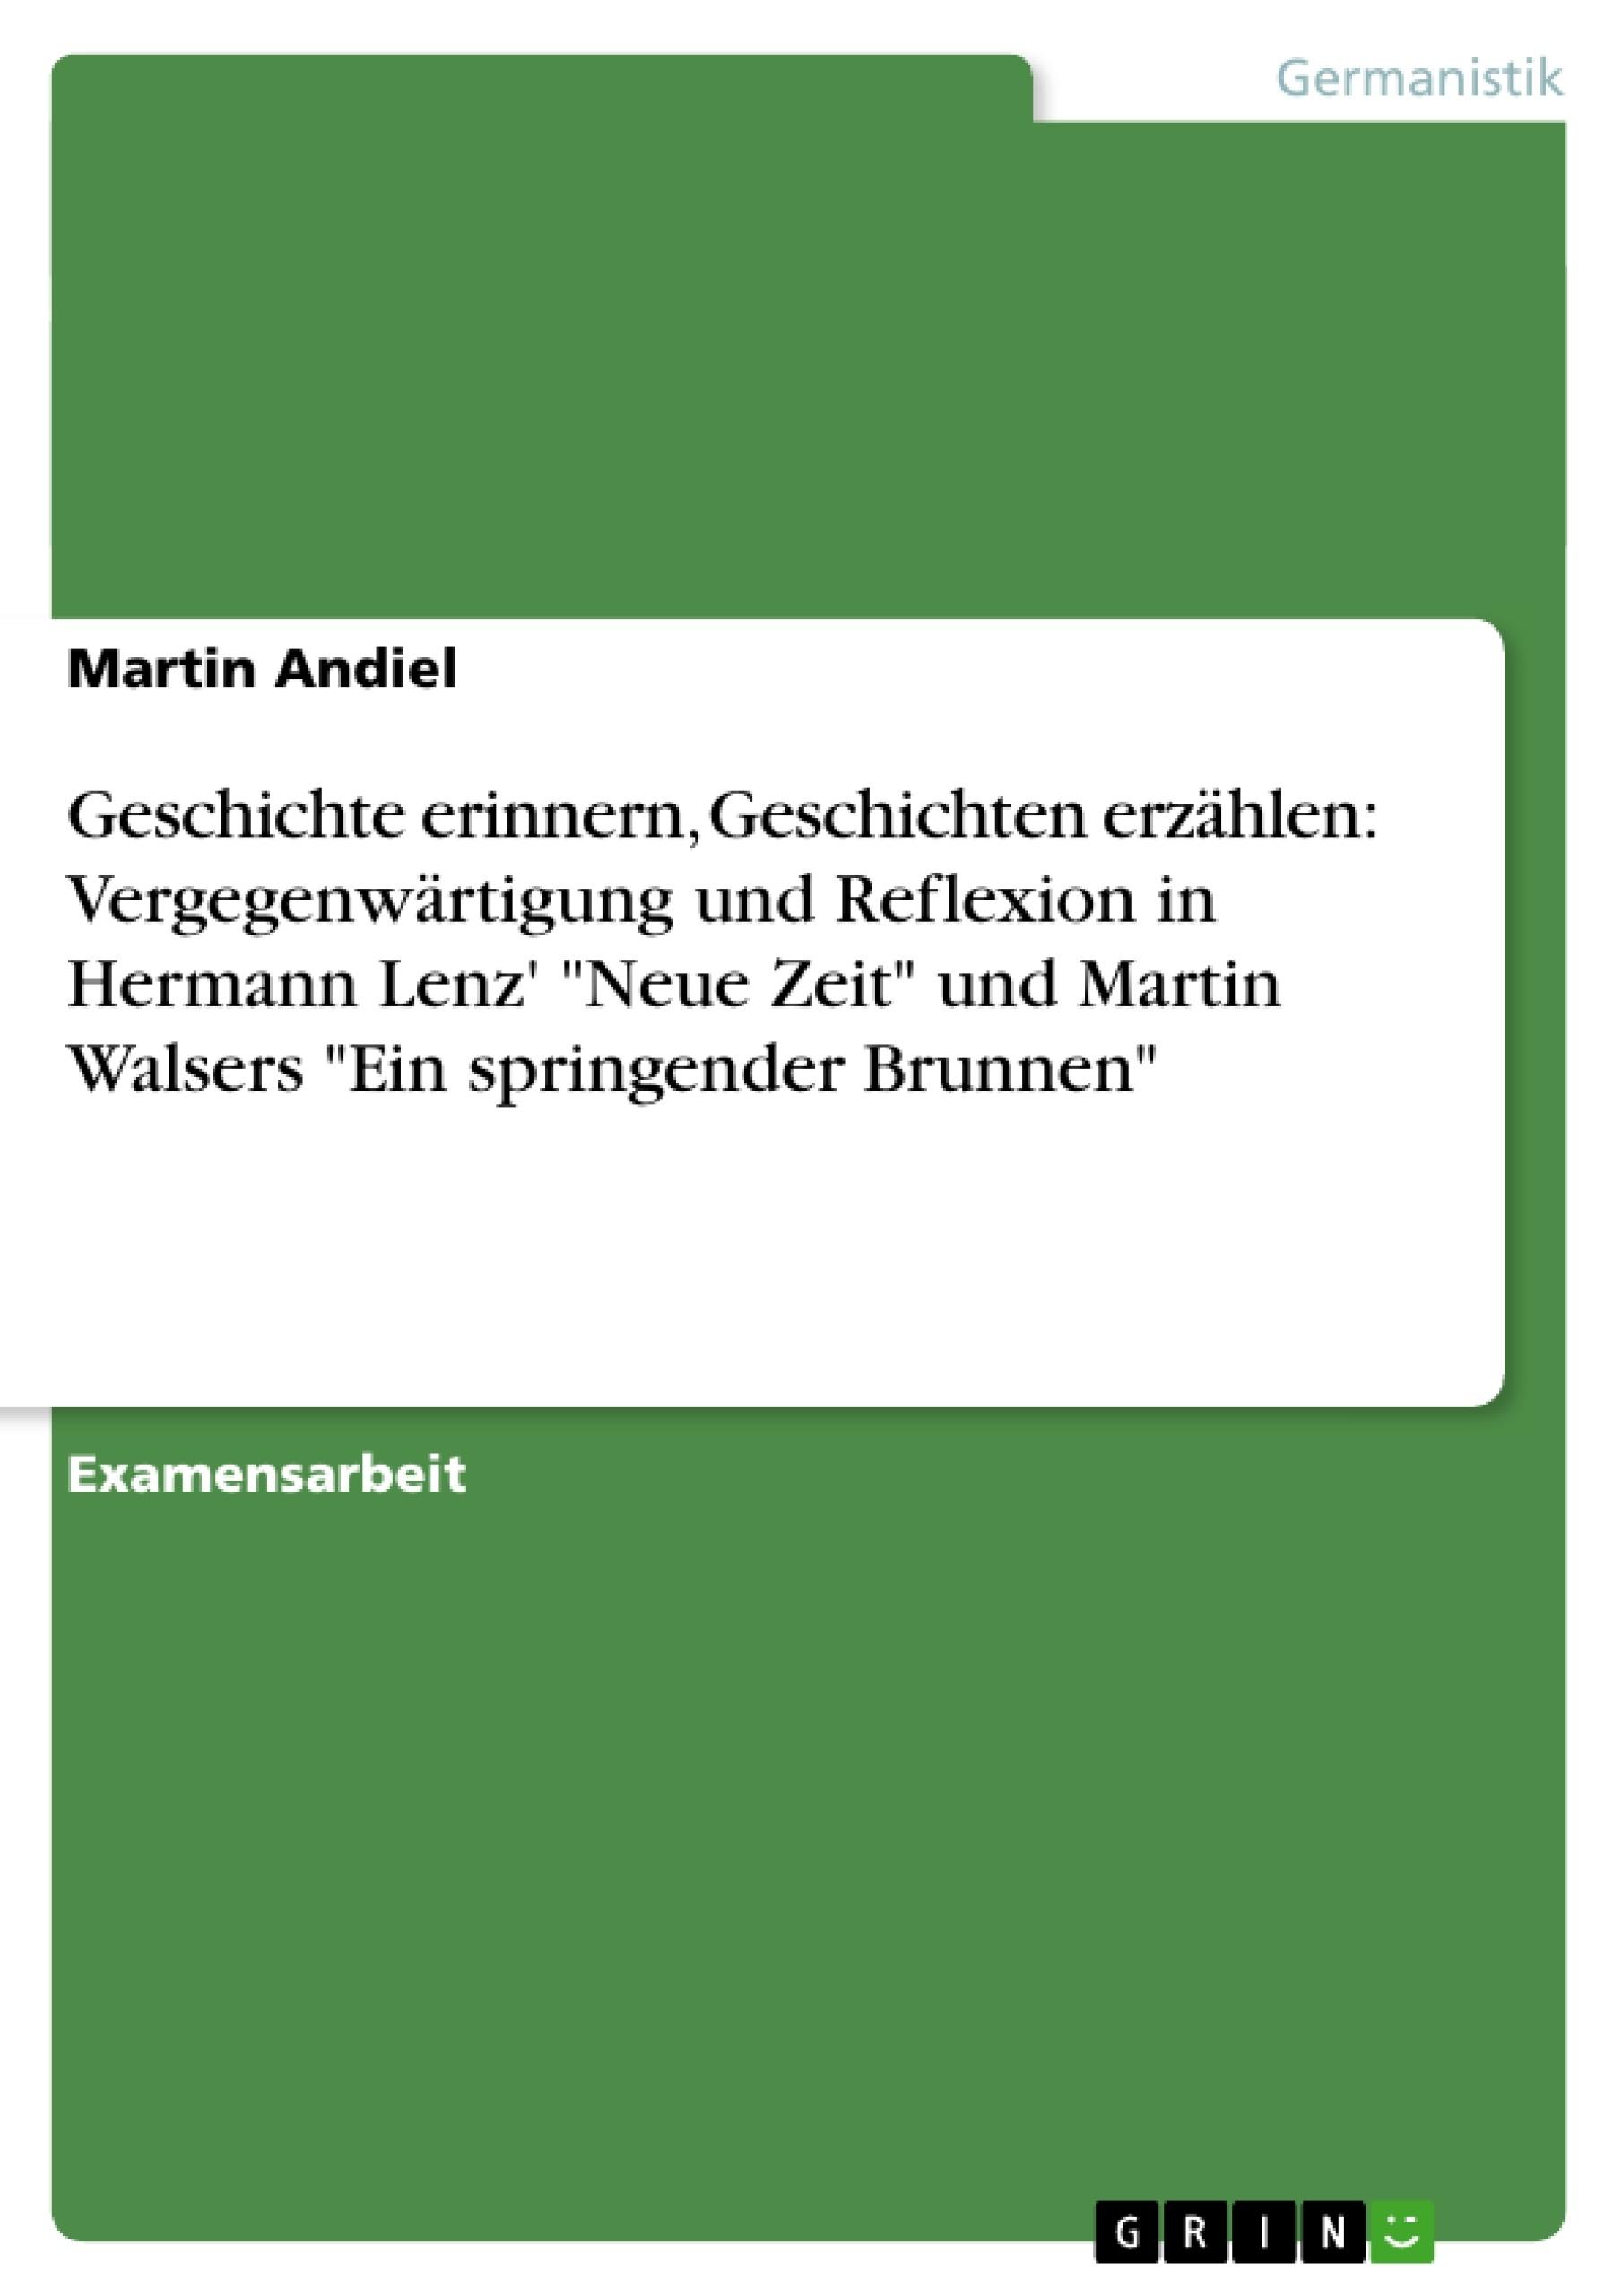 """Titel: Geschichte erinnern, Geschichten erzählen: Vergegenwärtigung und Reflexion in Hermann Lenz' """"Neue Zeit"""" und Martin Walsers """"Ein springender Brunnen"""""""